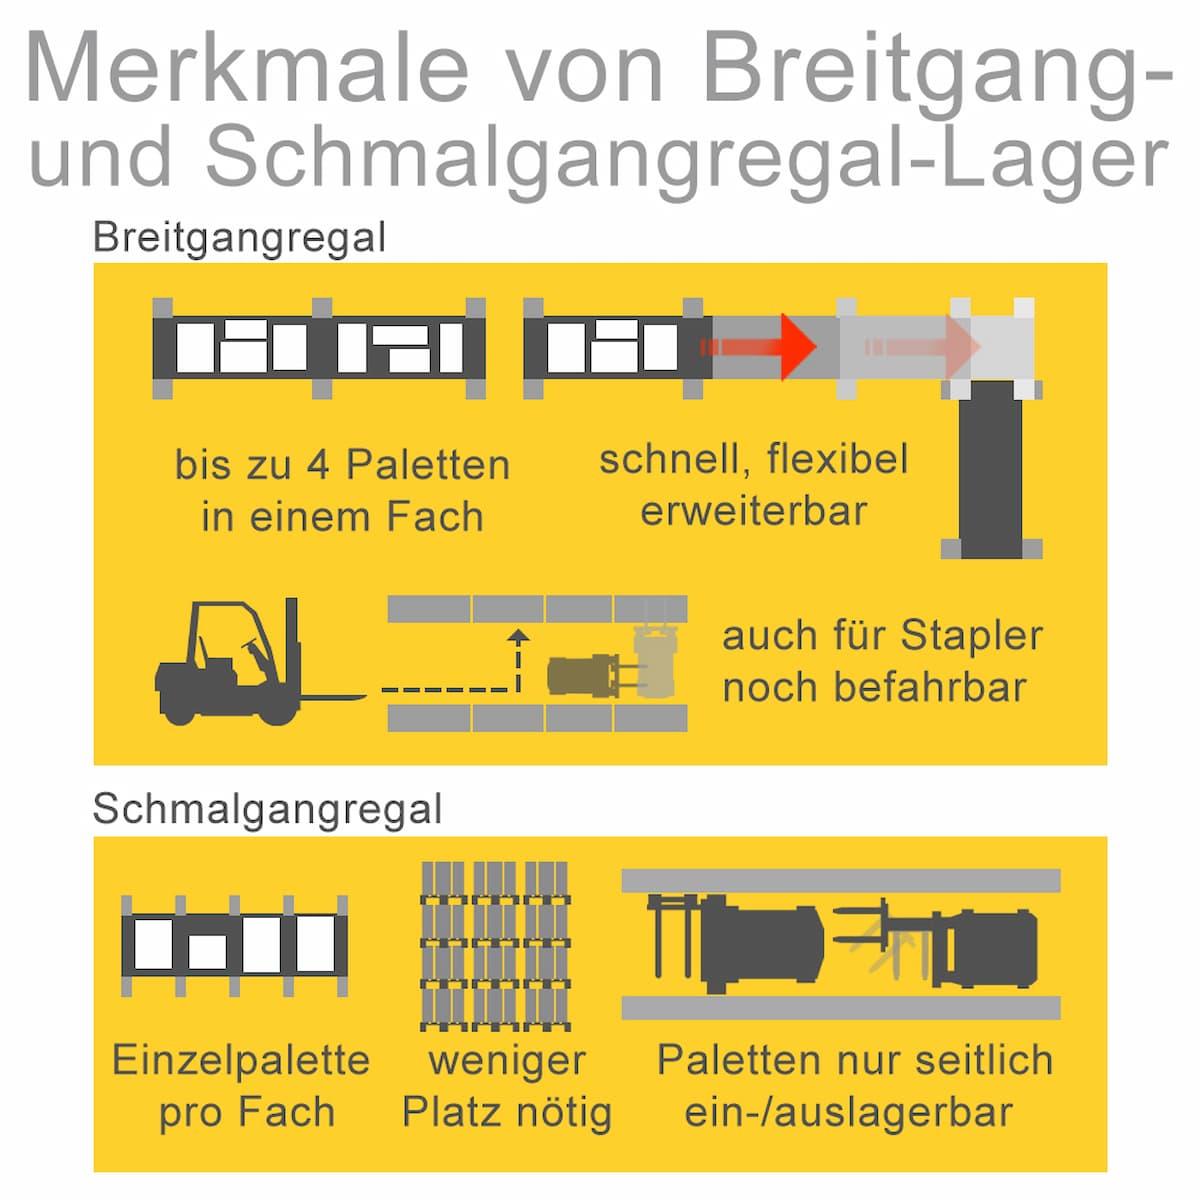 Merkmale von Breitgang- und Schmalgangregal-Lager